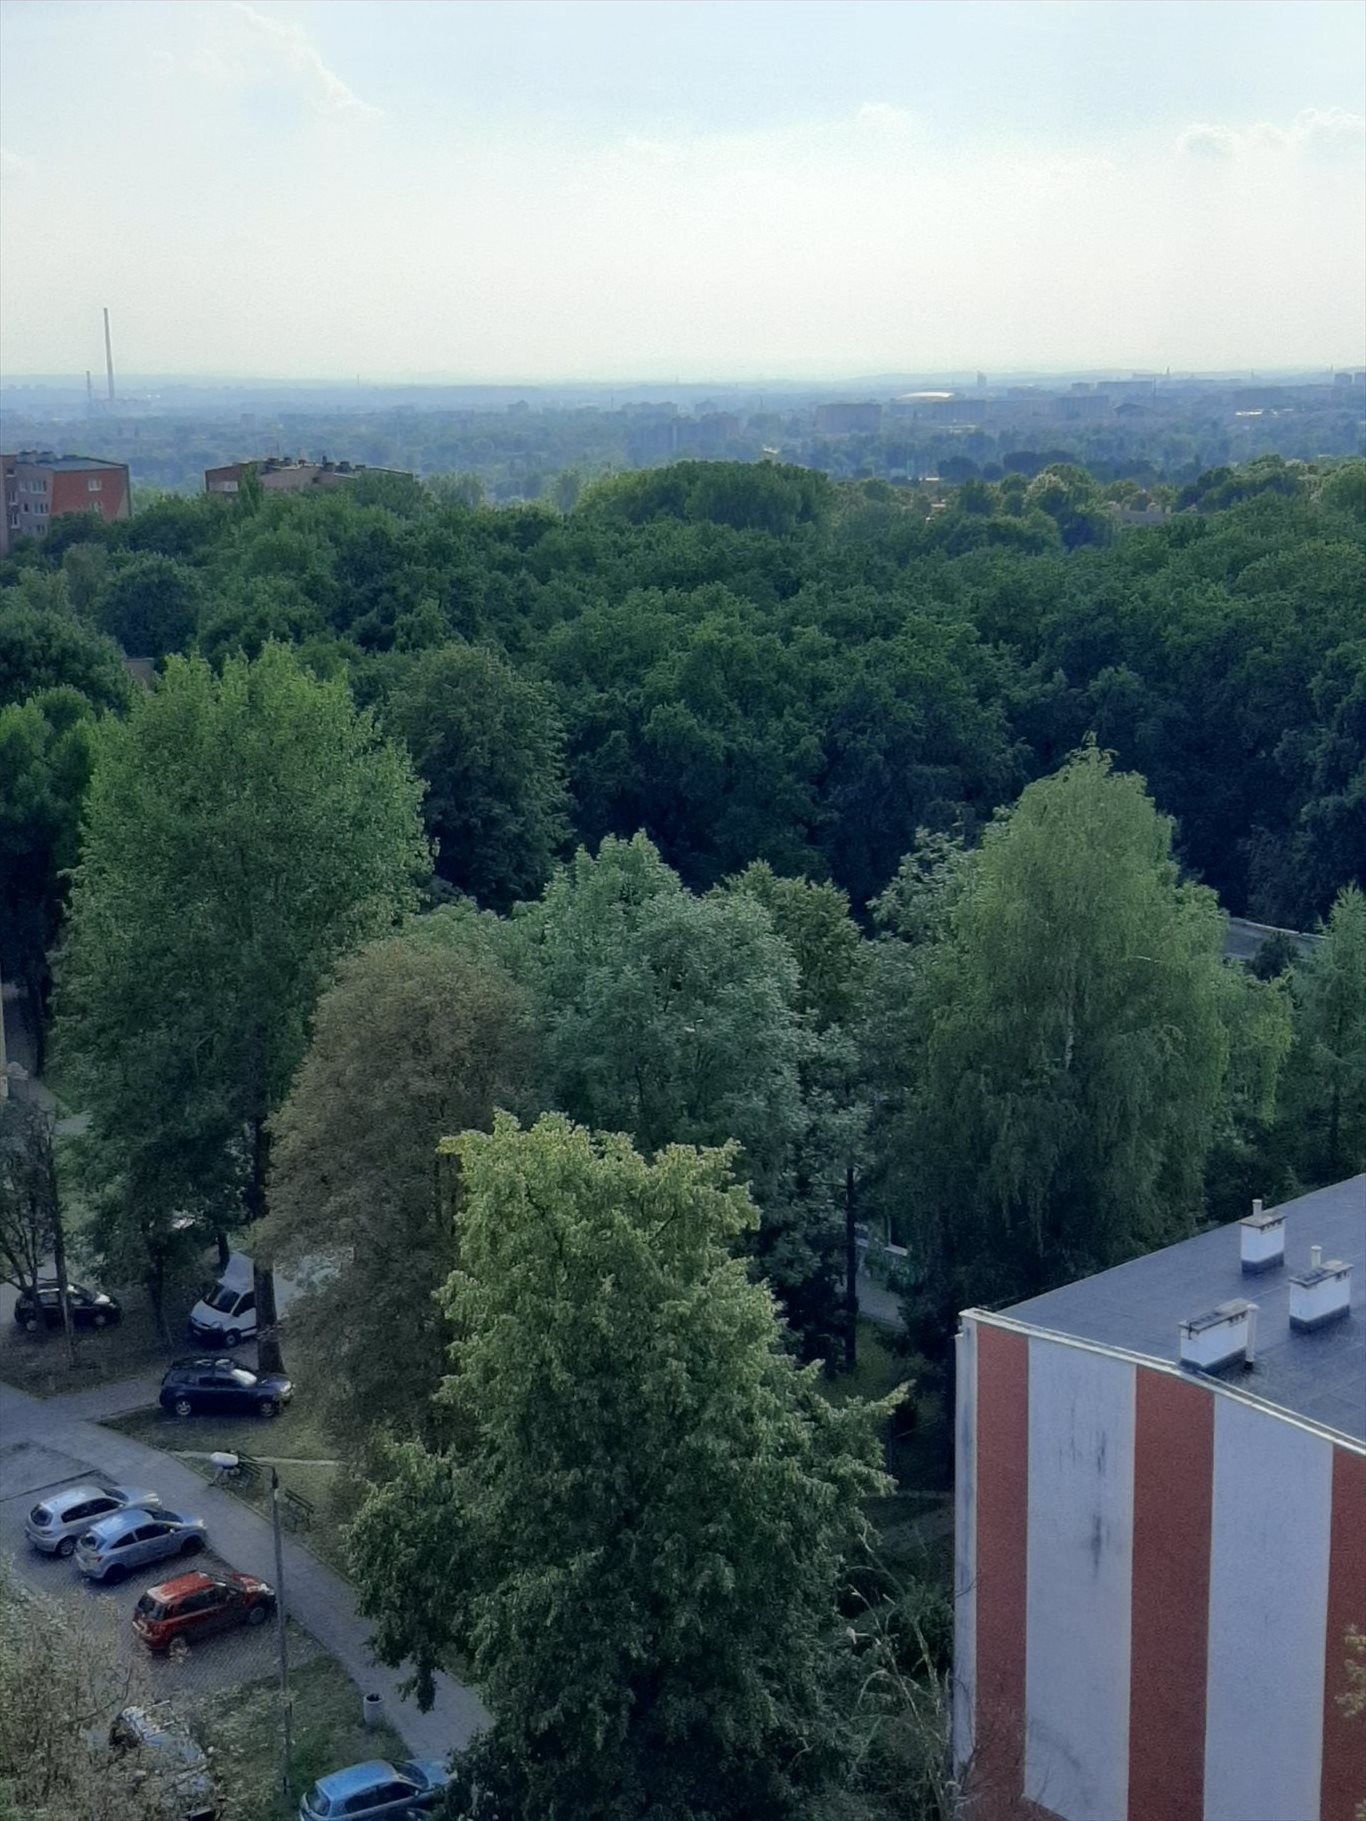 Mieszkanie dwupokojowe na sprzedaż Kraków, Nowa Huta, ul. Architektów  34m2 Foto 5